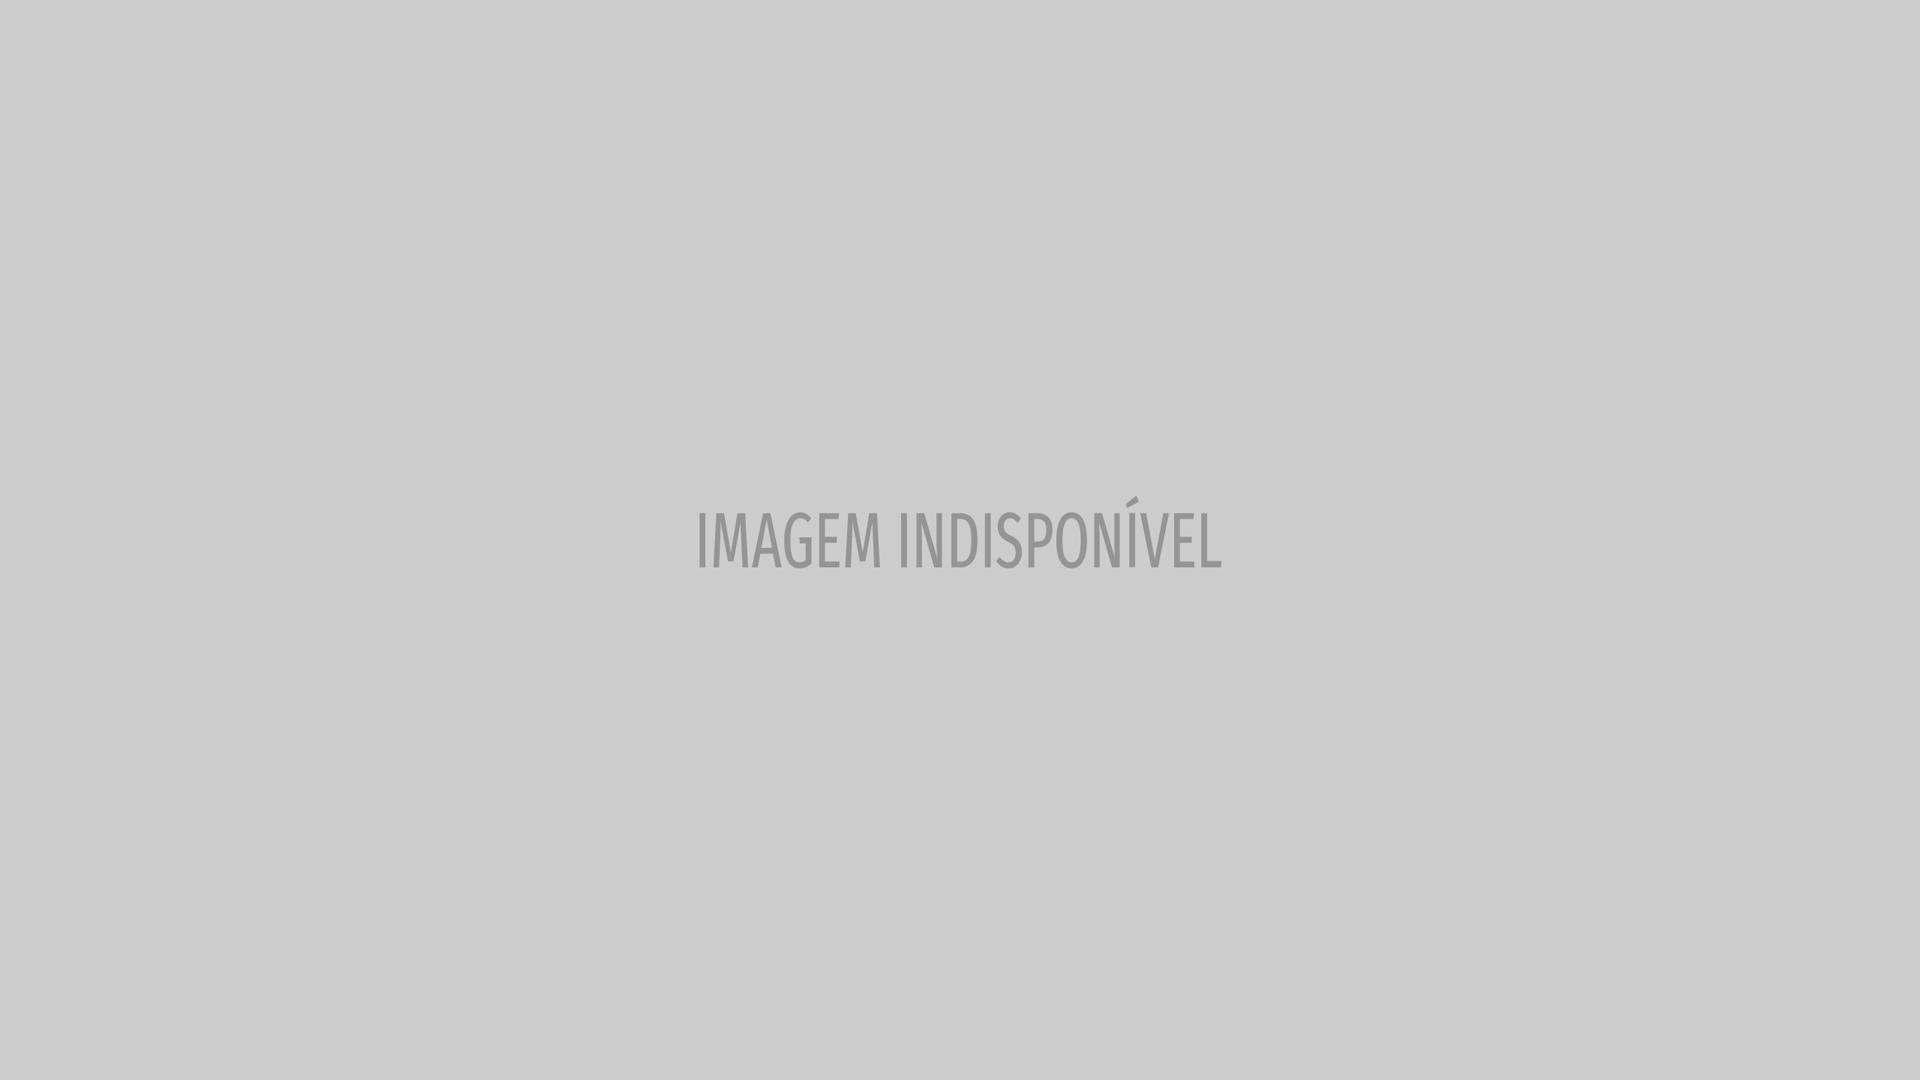 Torcedor fanático: tatuagem de camisa do Flamengo está quase pronta